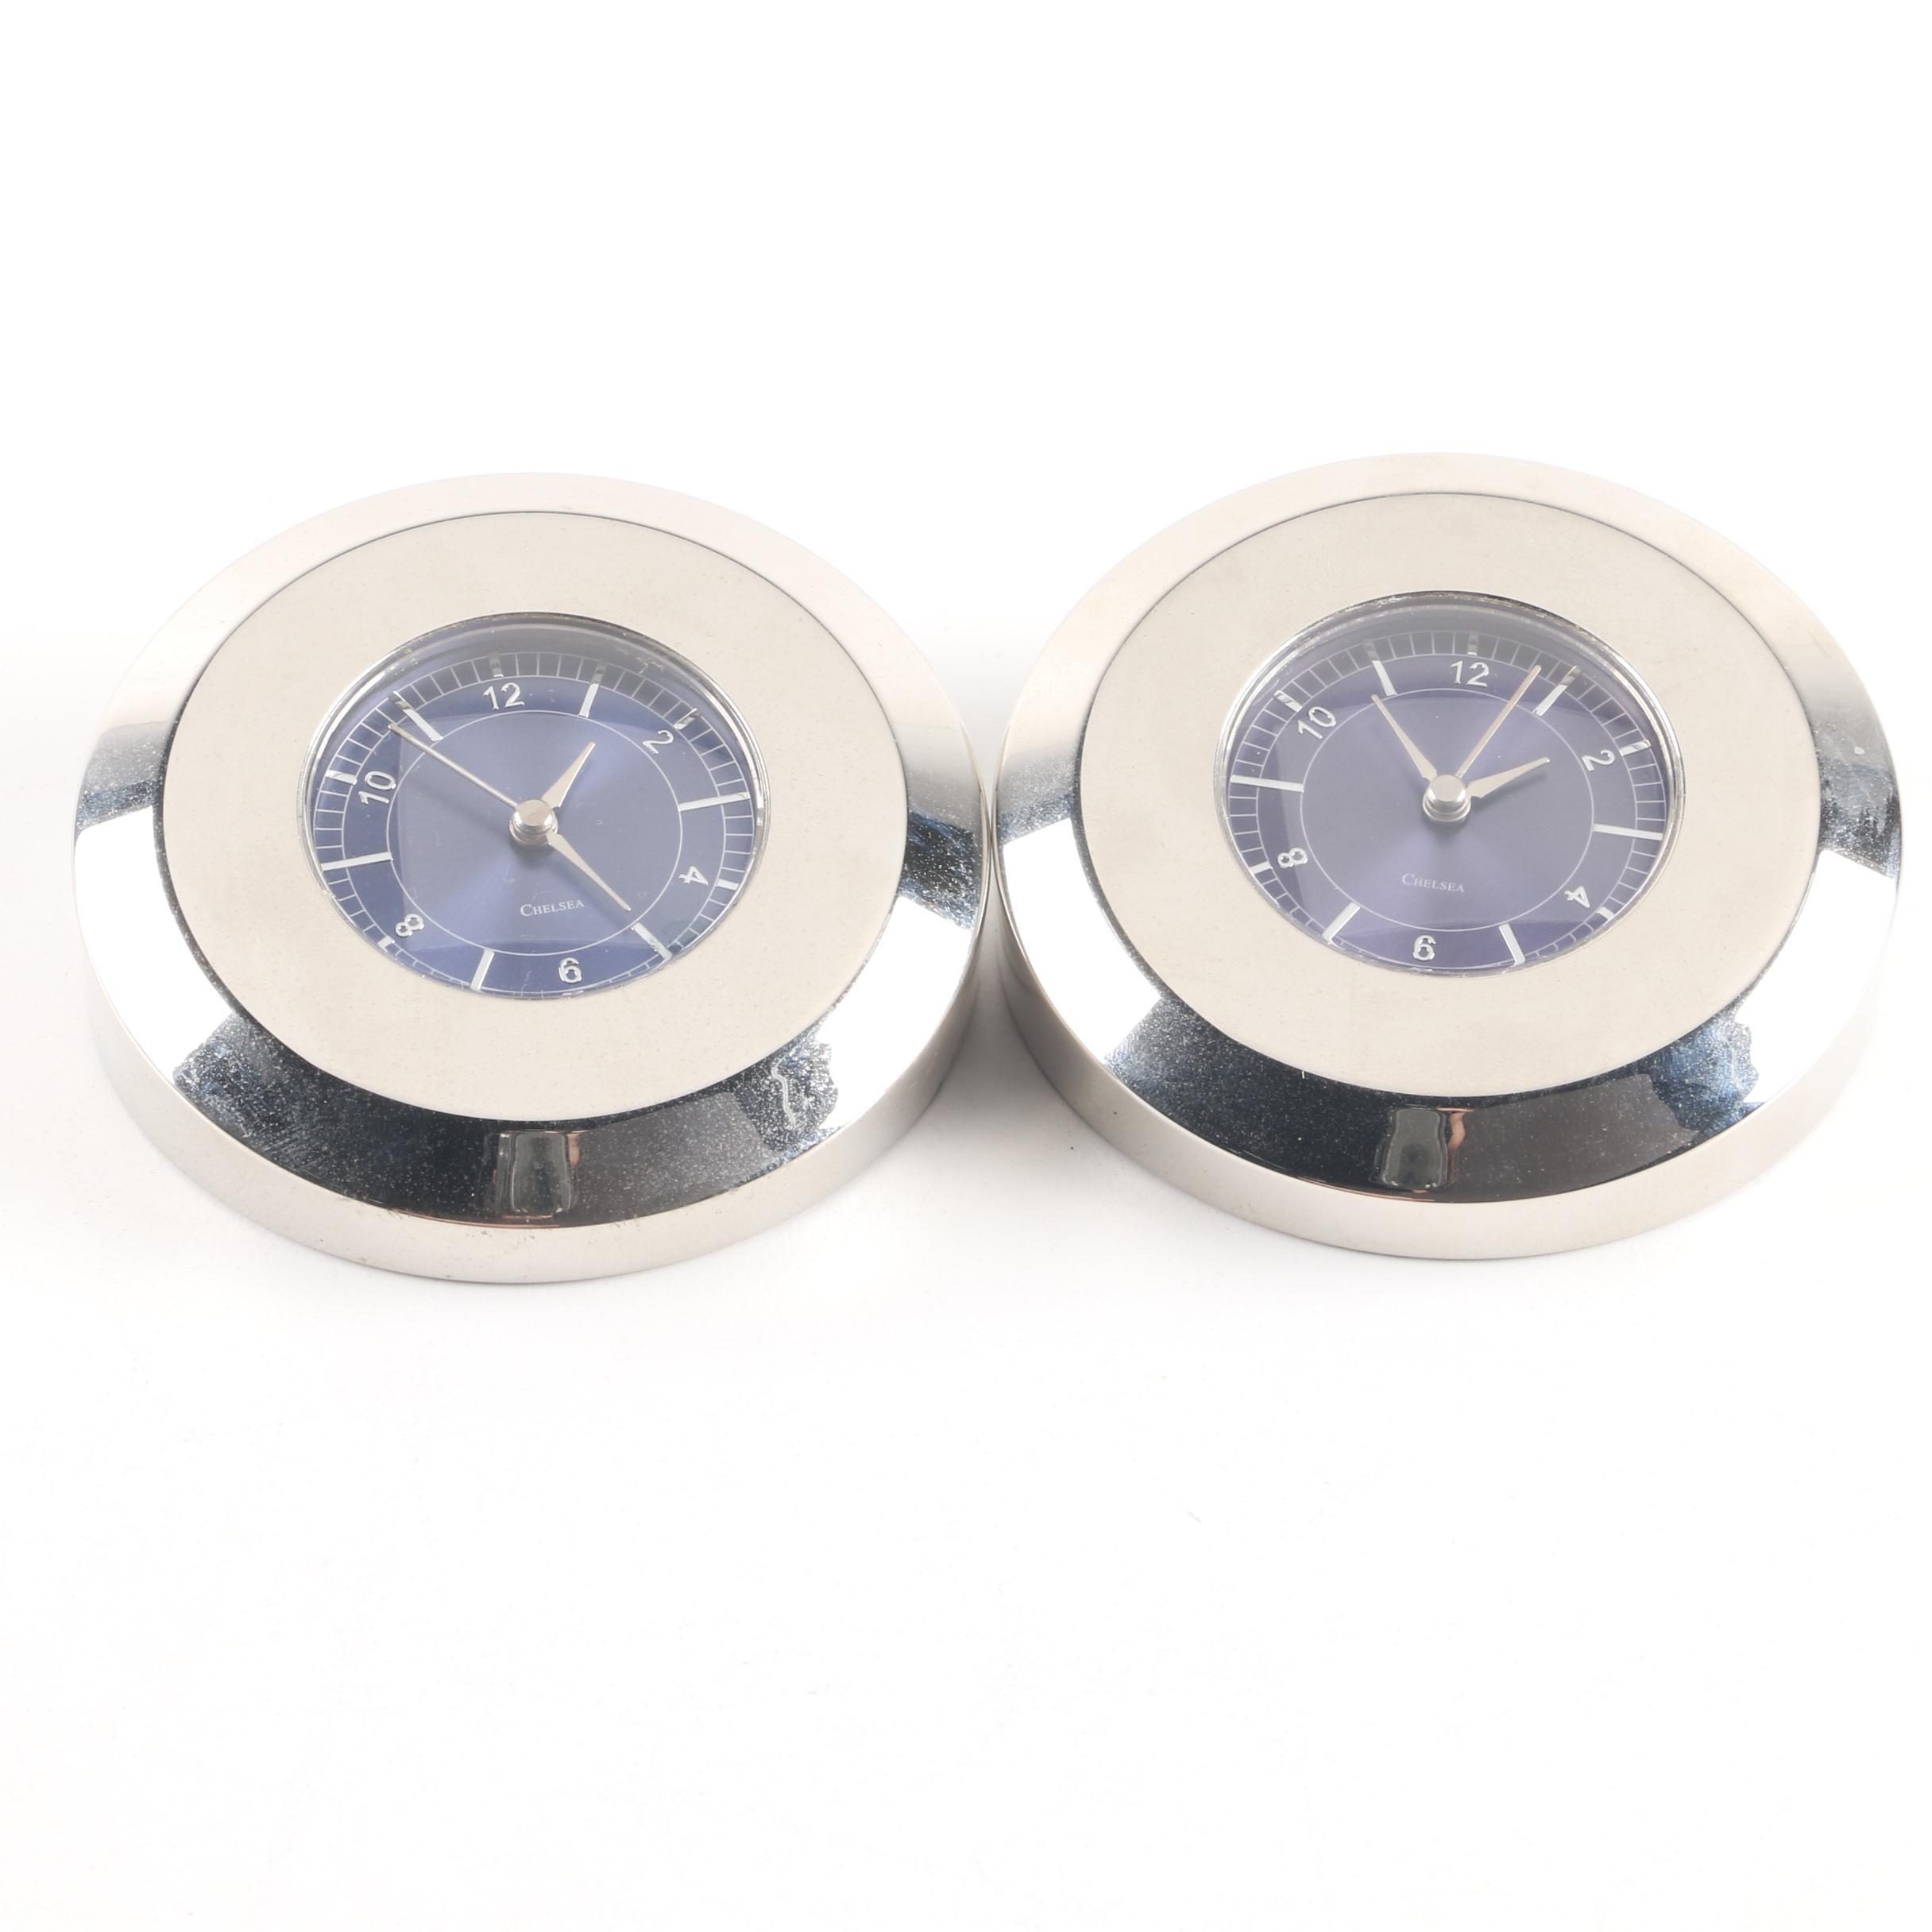 Chelsea Clock Co. Nickel Paperweight Clocks